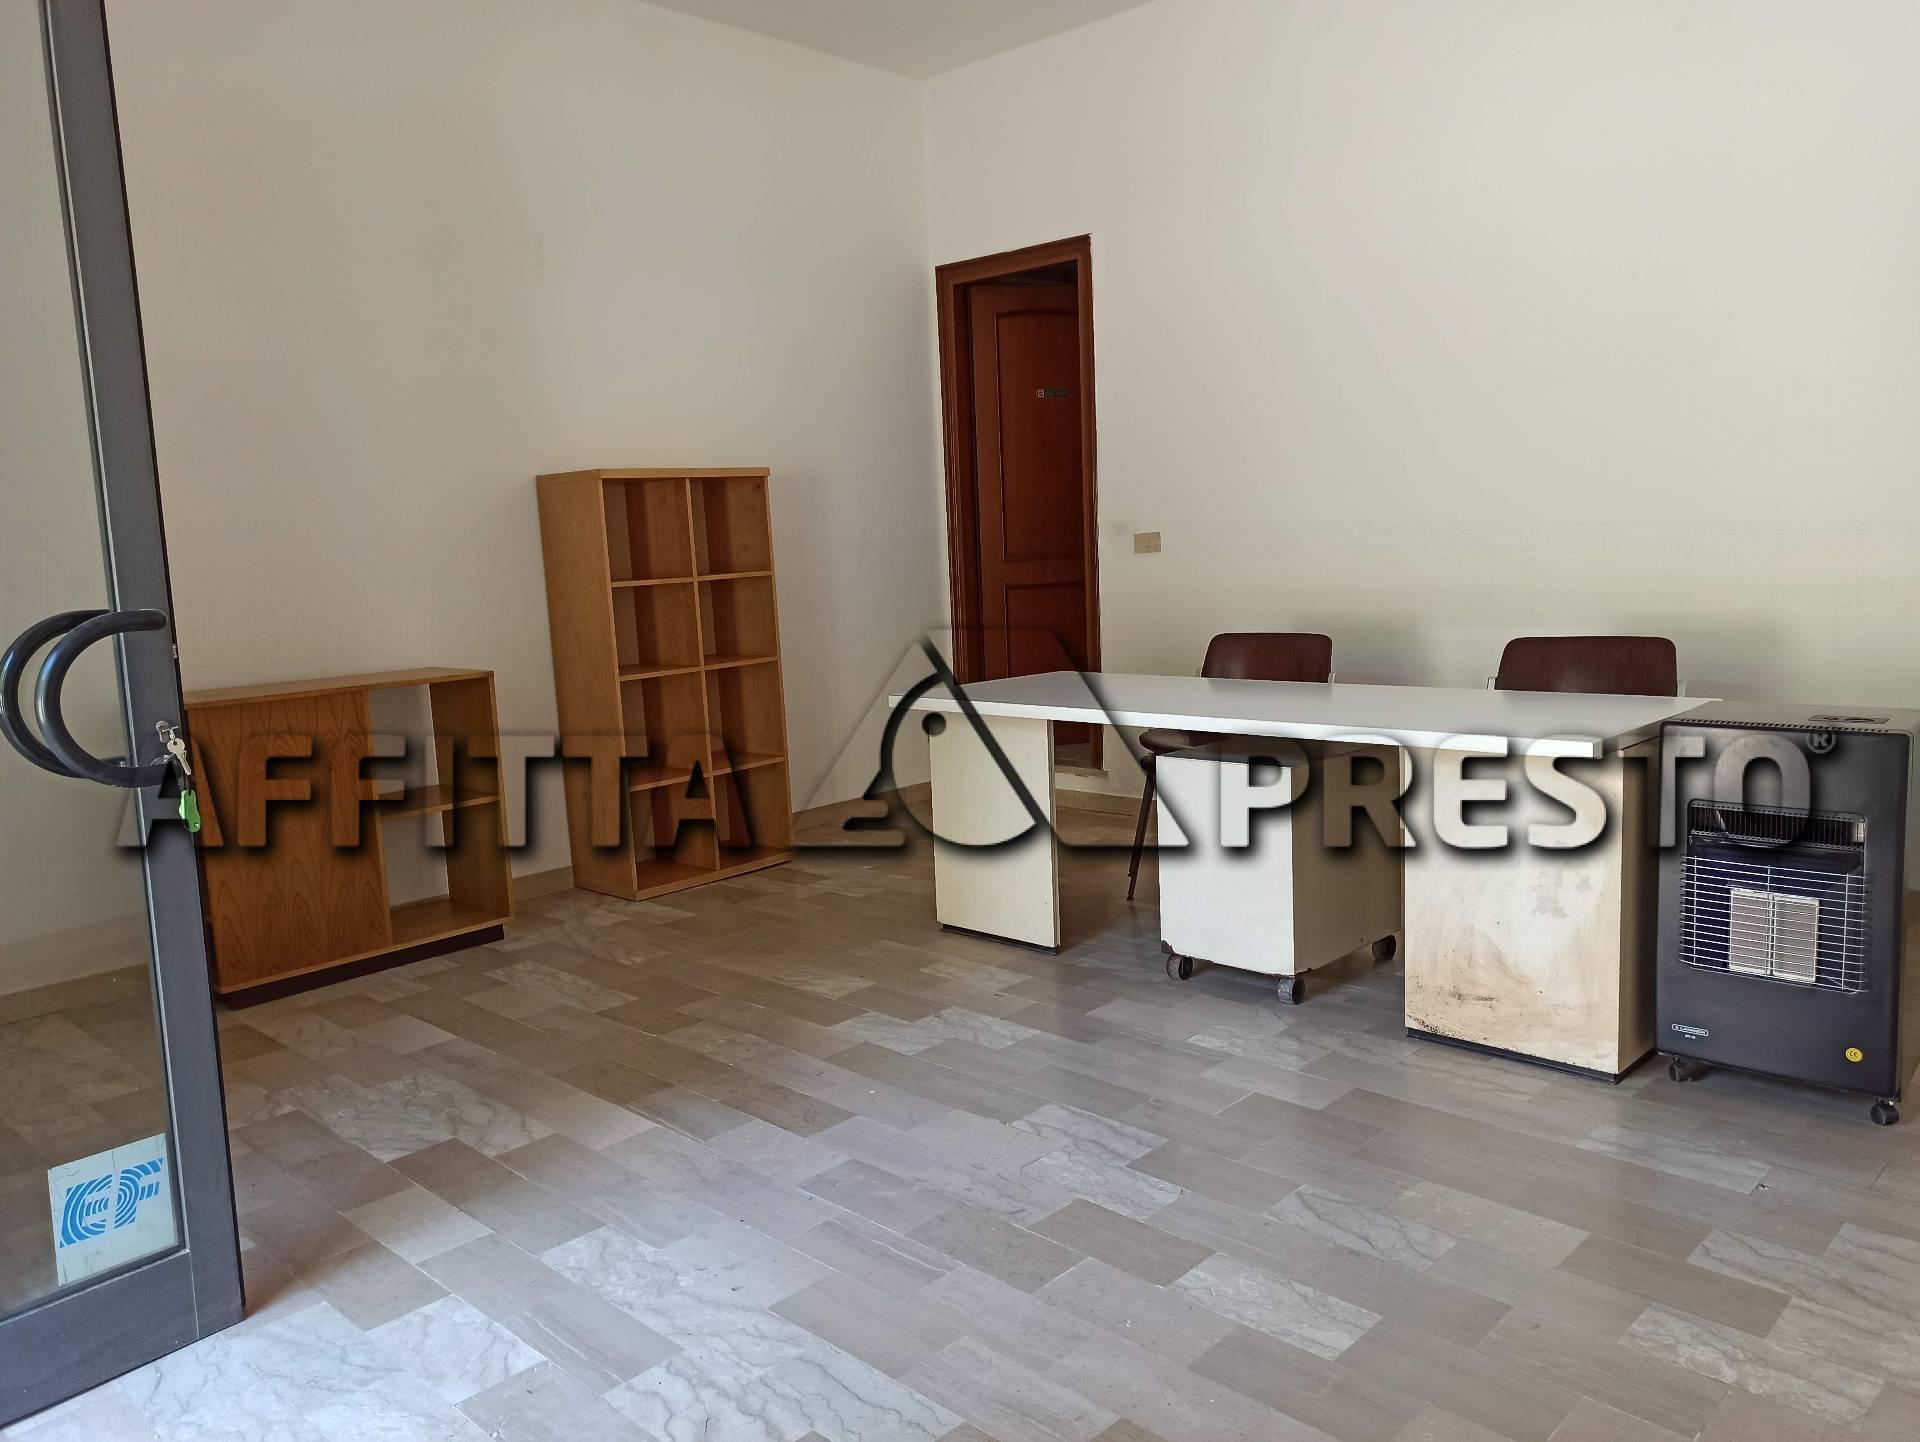 Attività commerciale in affitto a Barbaricina, Pisa